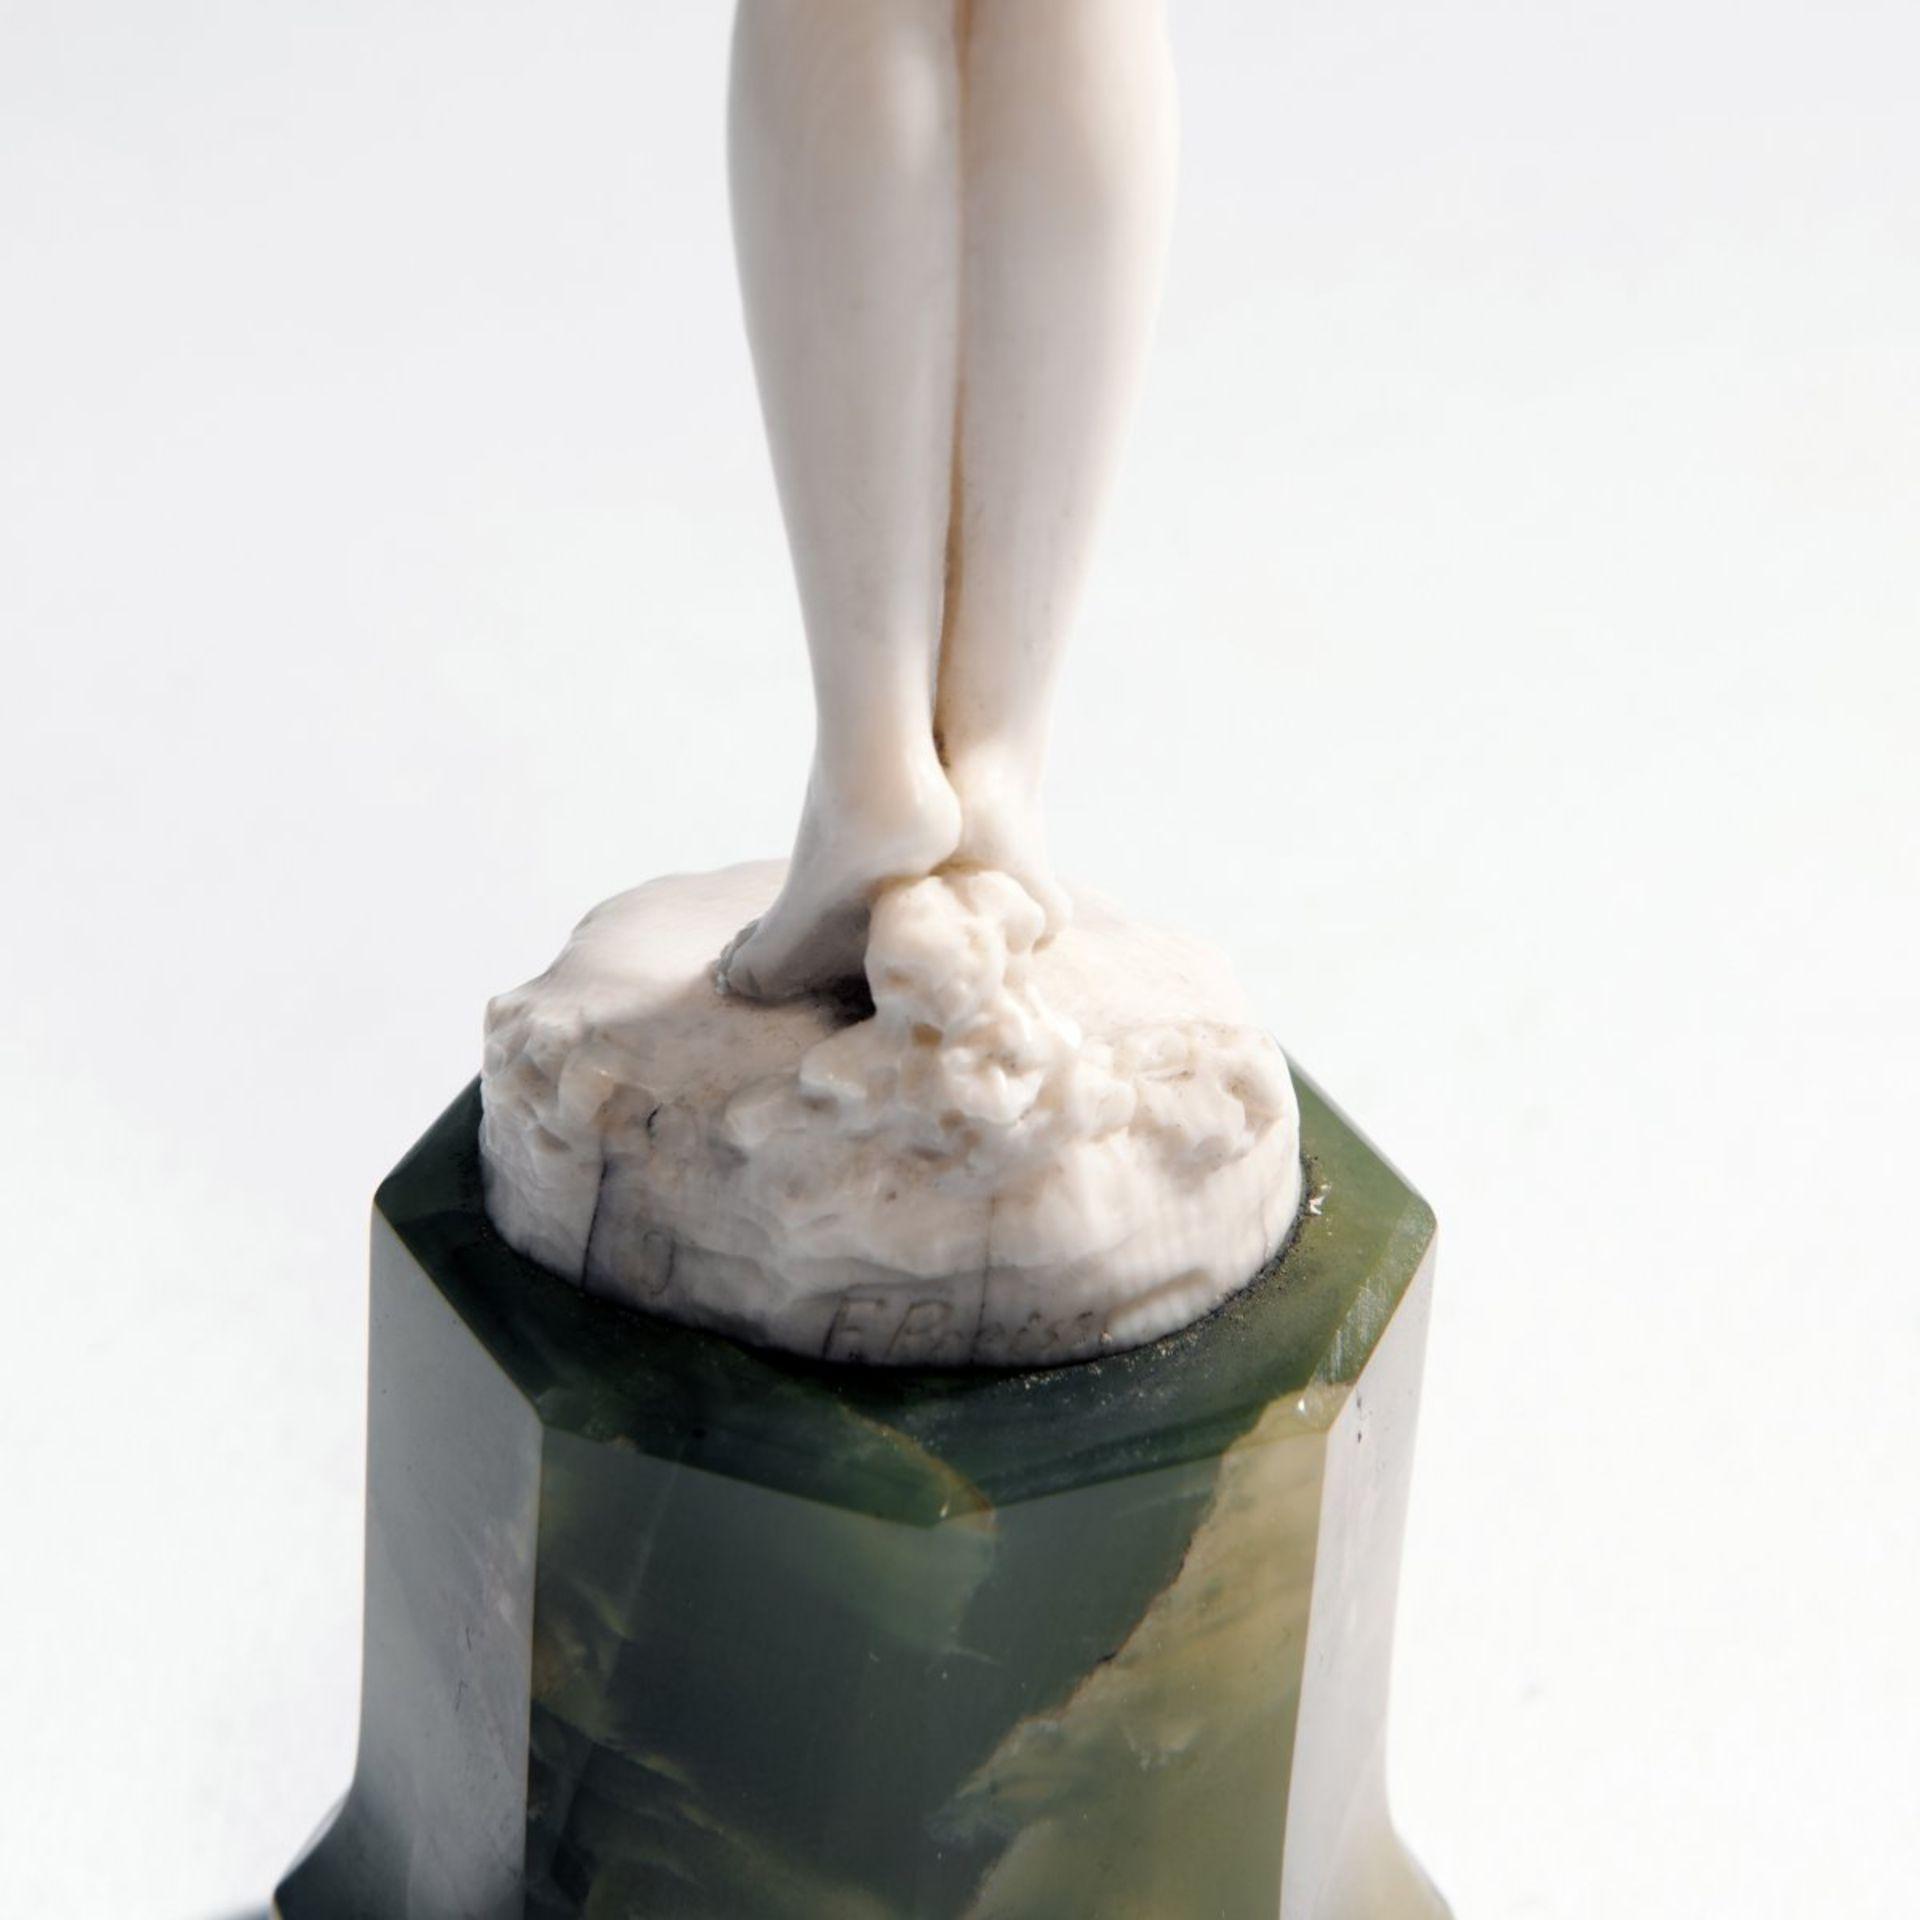 Ferdinand Preiss, 'Extase', nach 1913 - Bild 5 aus 6